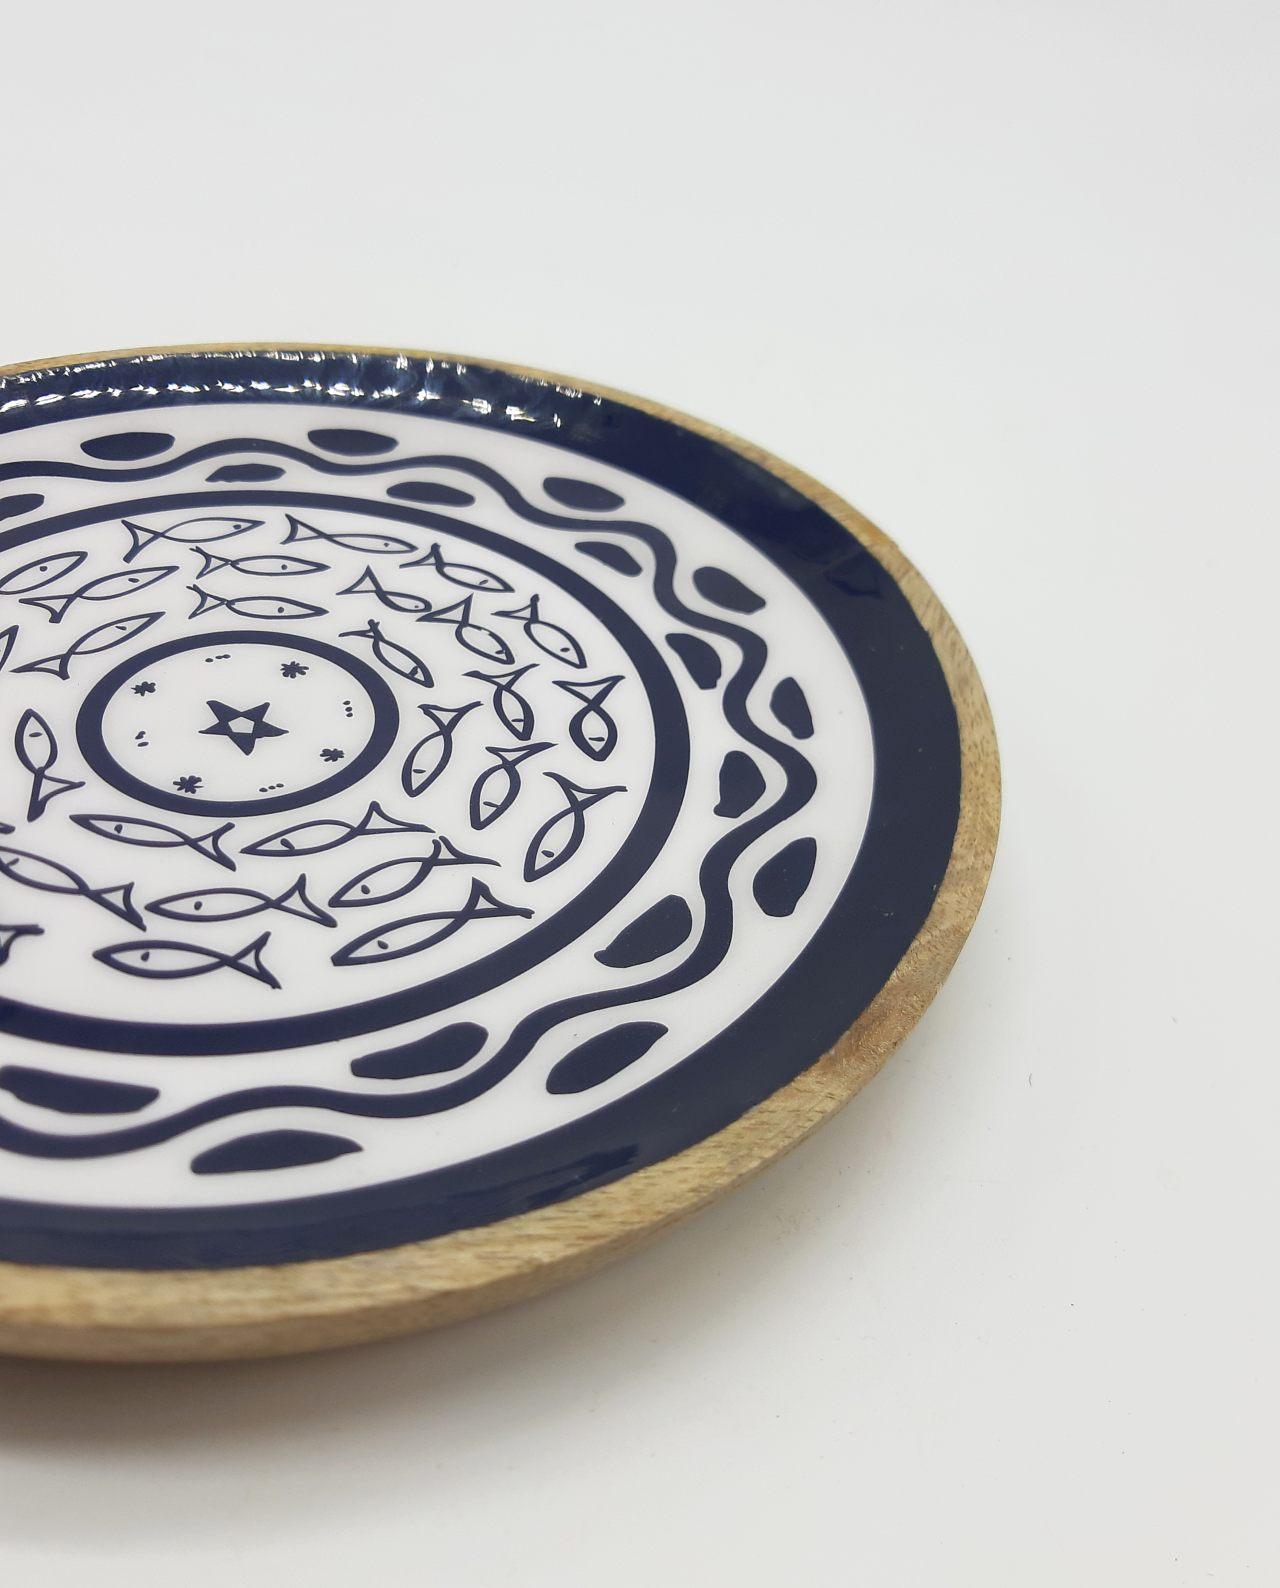 Πιατέλα ξύλινη από ξύλο Mango ανοιχτόχρωμο καφέ με σχέδιο ψαριών εσωτερικά διαμέτρου 20 cm